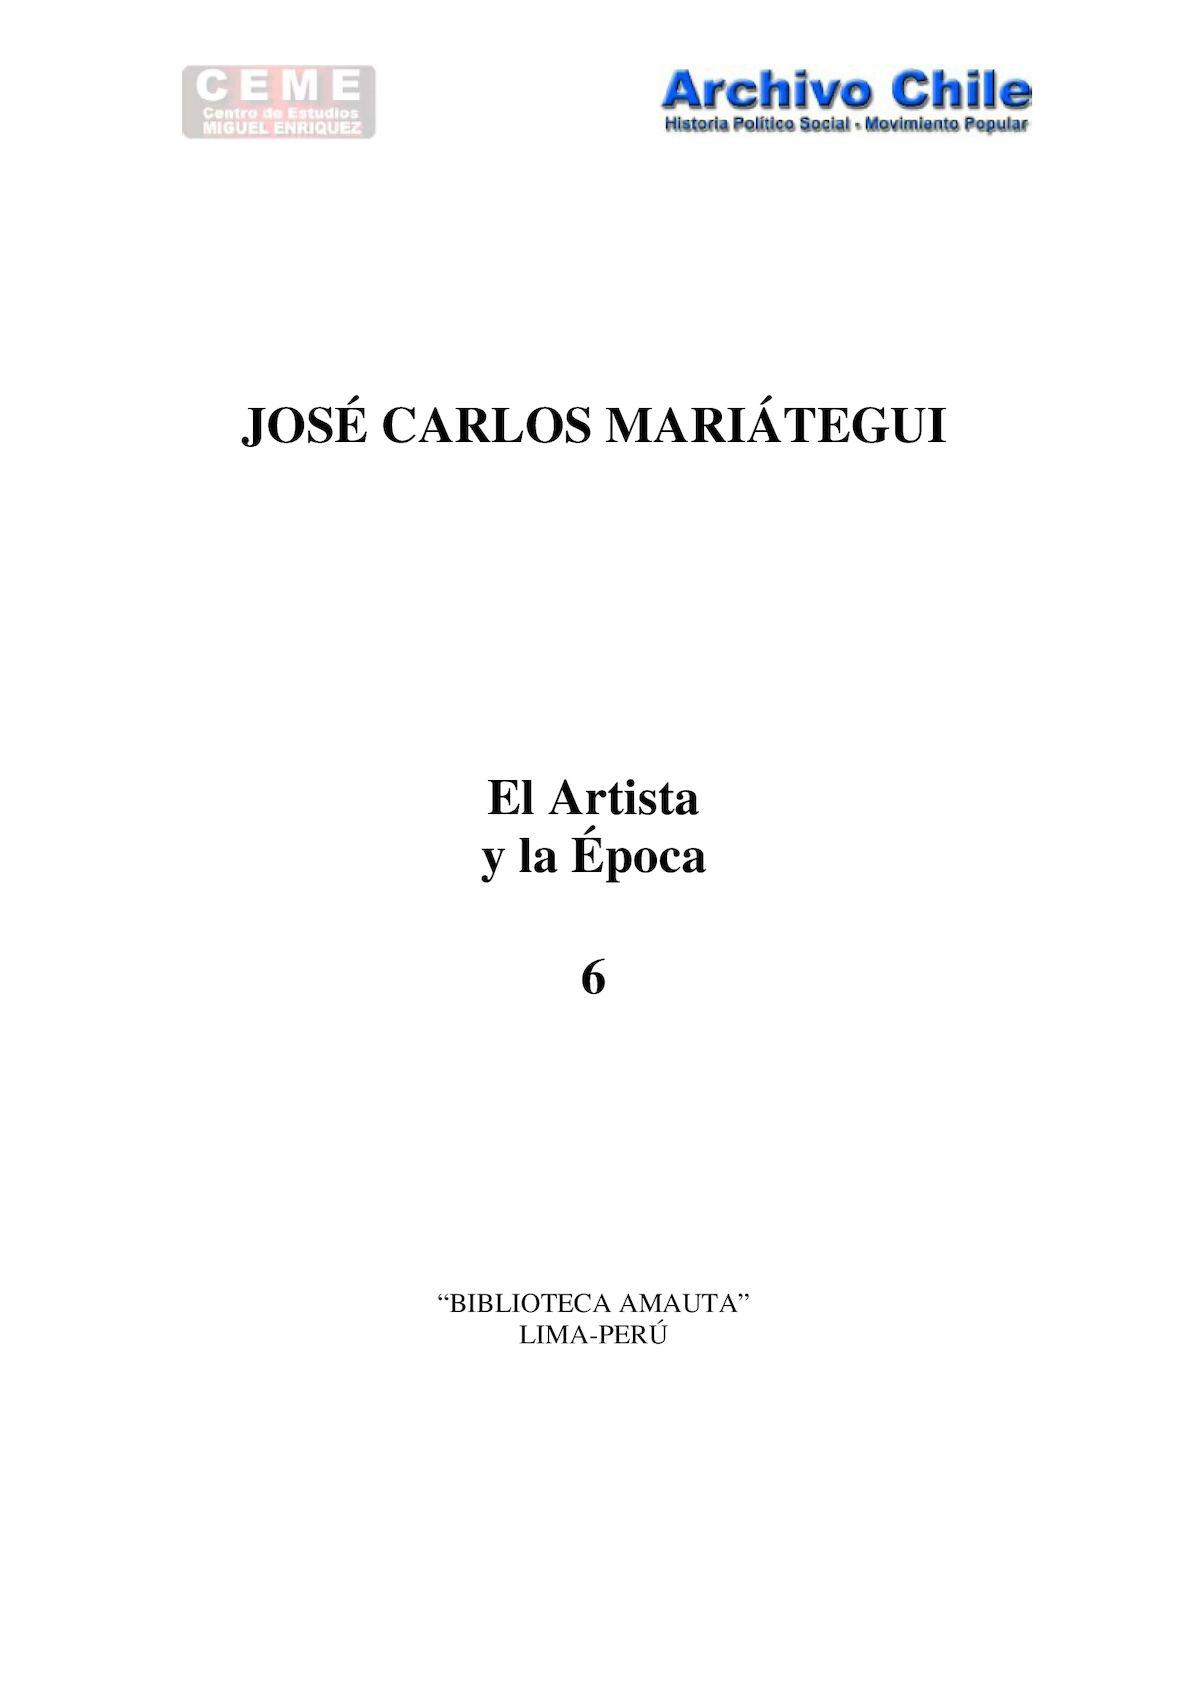 Moderno Ou Reanudar Criticas Galería - Ejemplo De Colección De ...